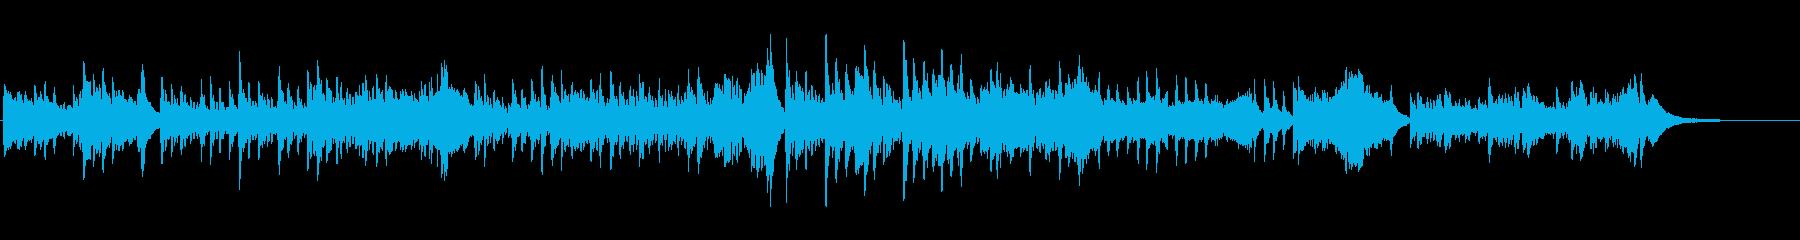 ハープの調べによる切なく多幸感のある楽曲の再生済みの波形